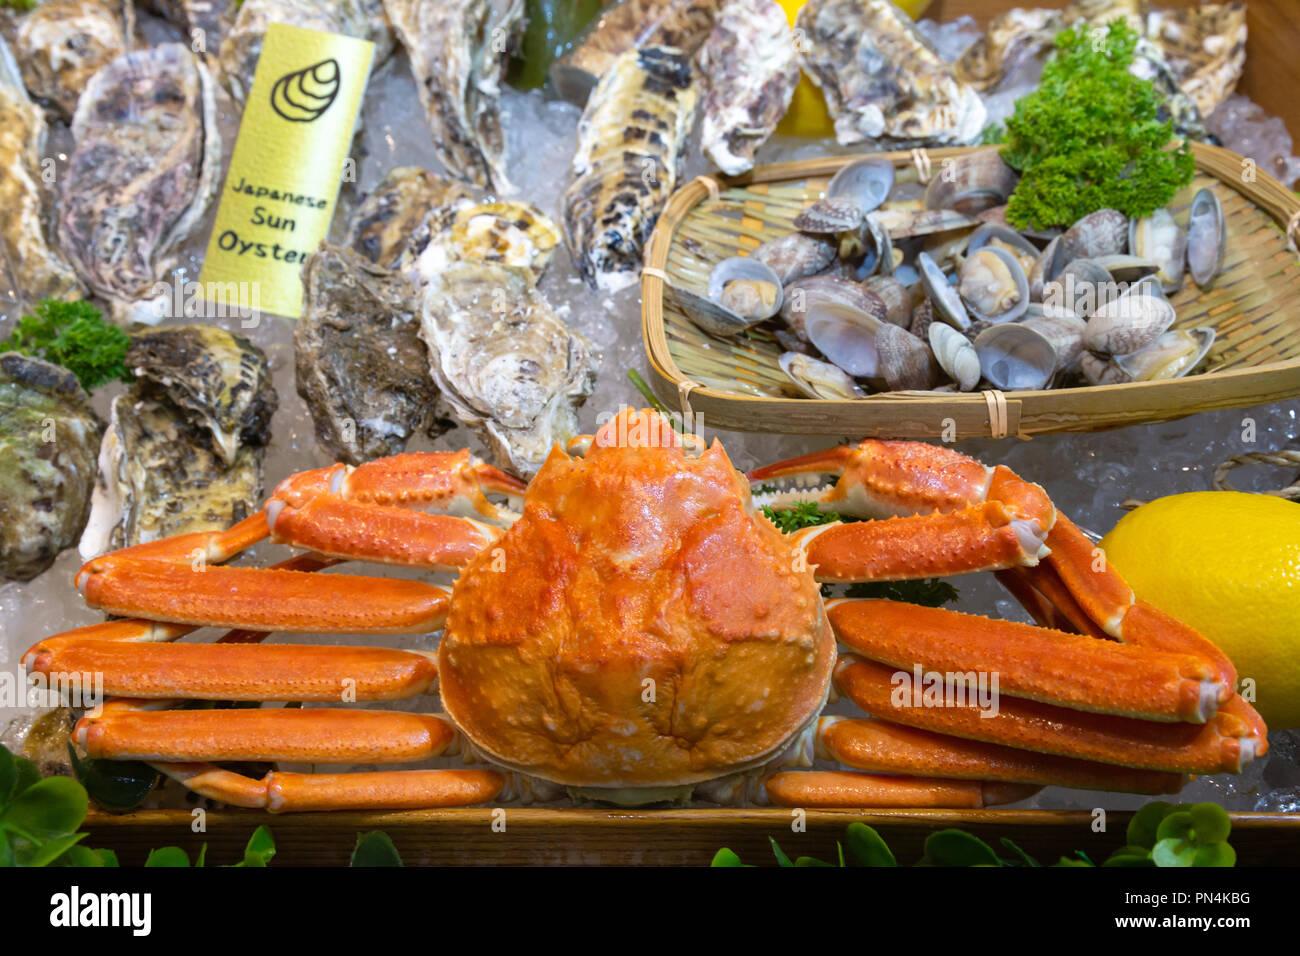 Frische Rote Seespinne Japanische Sonne Serviert Hummer Und Andere